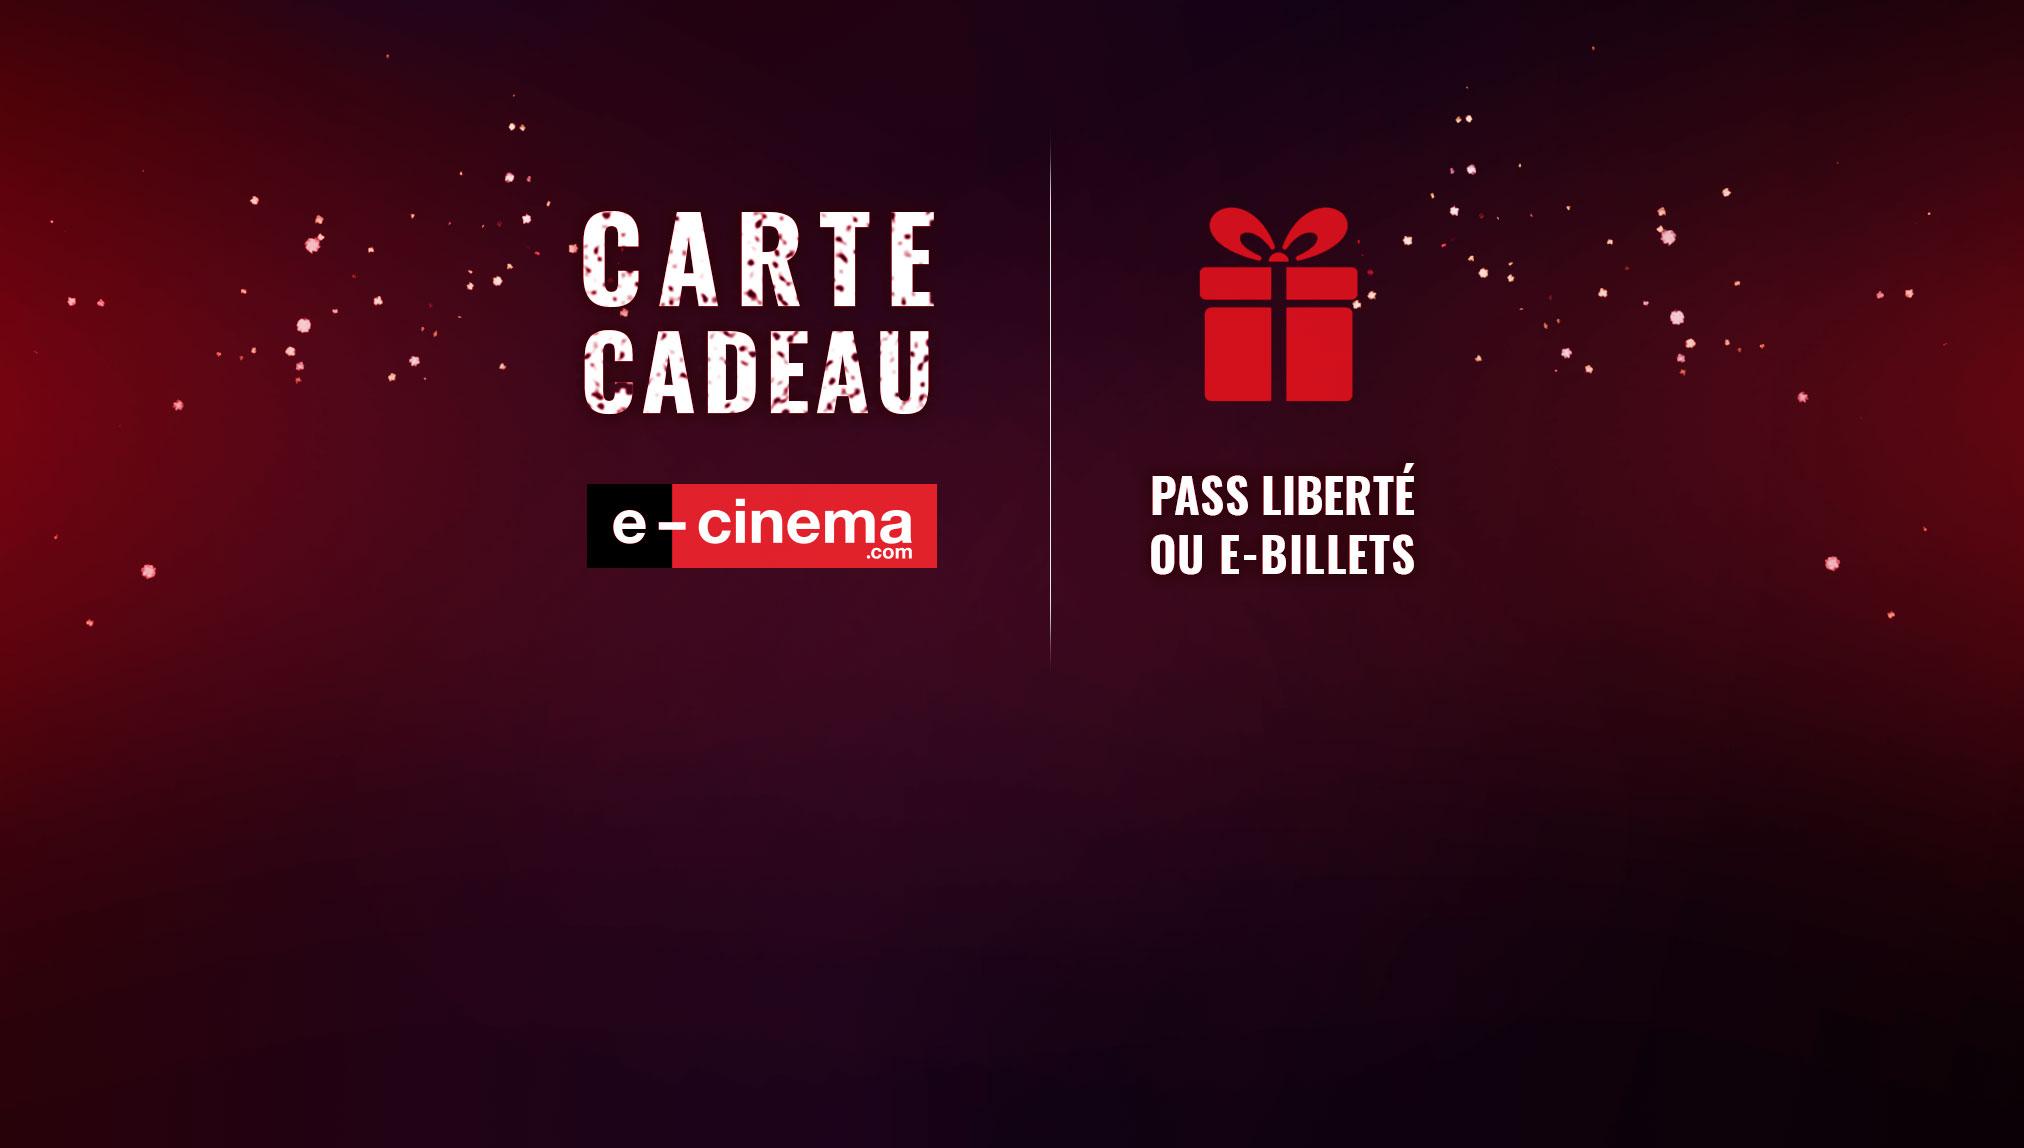 La carte cadeau e-cinema.com - Les news e-cinema.com - Le Blog e-cinema.com